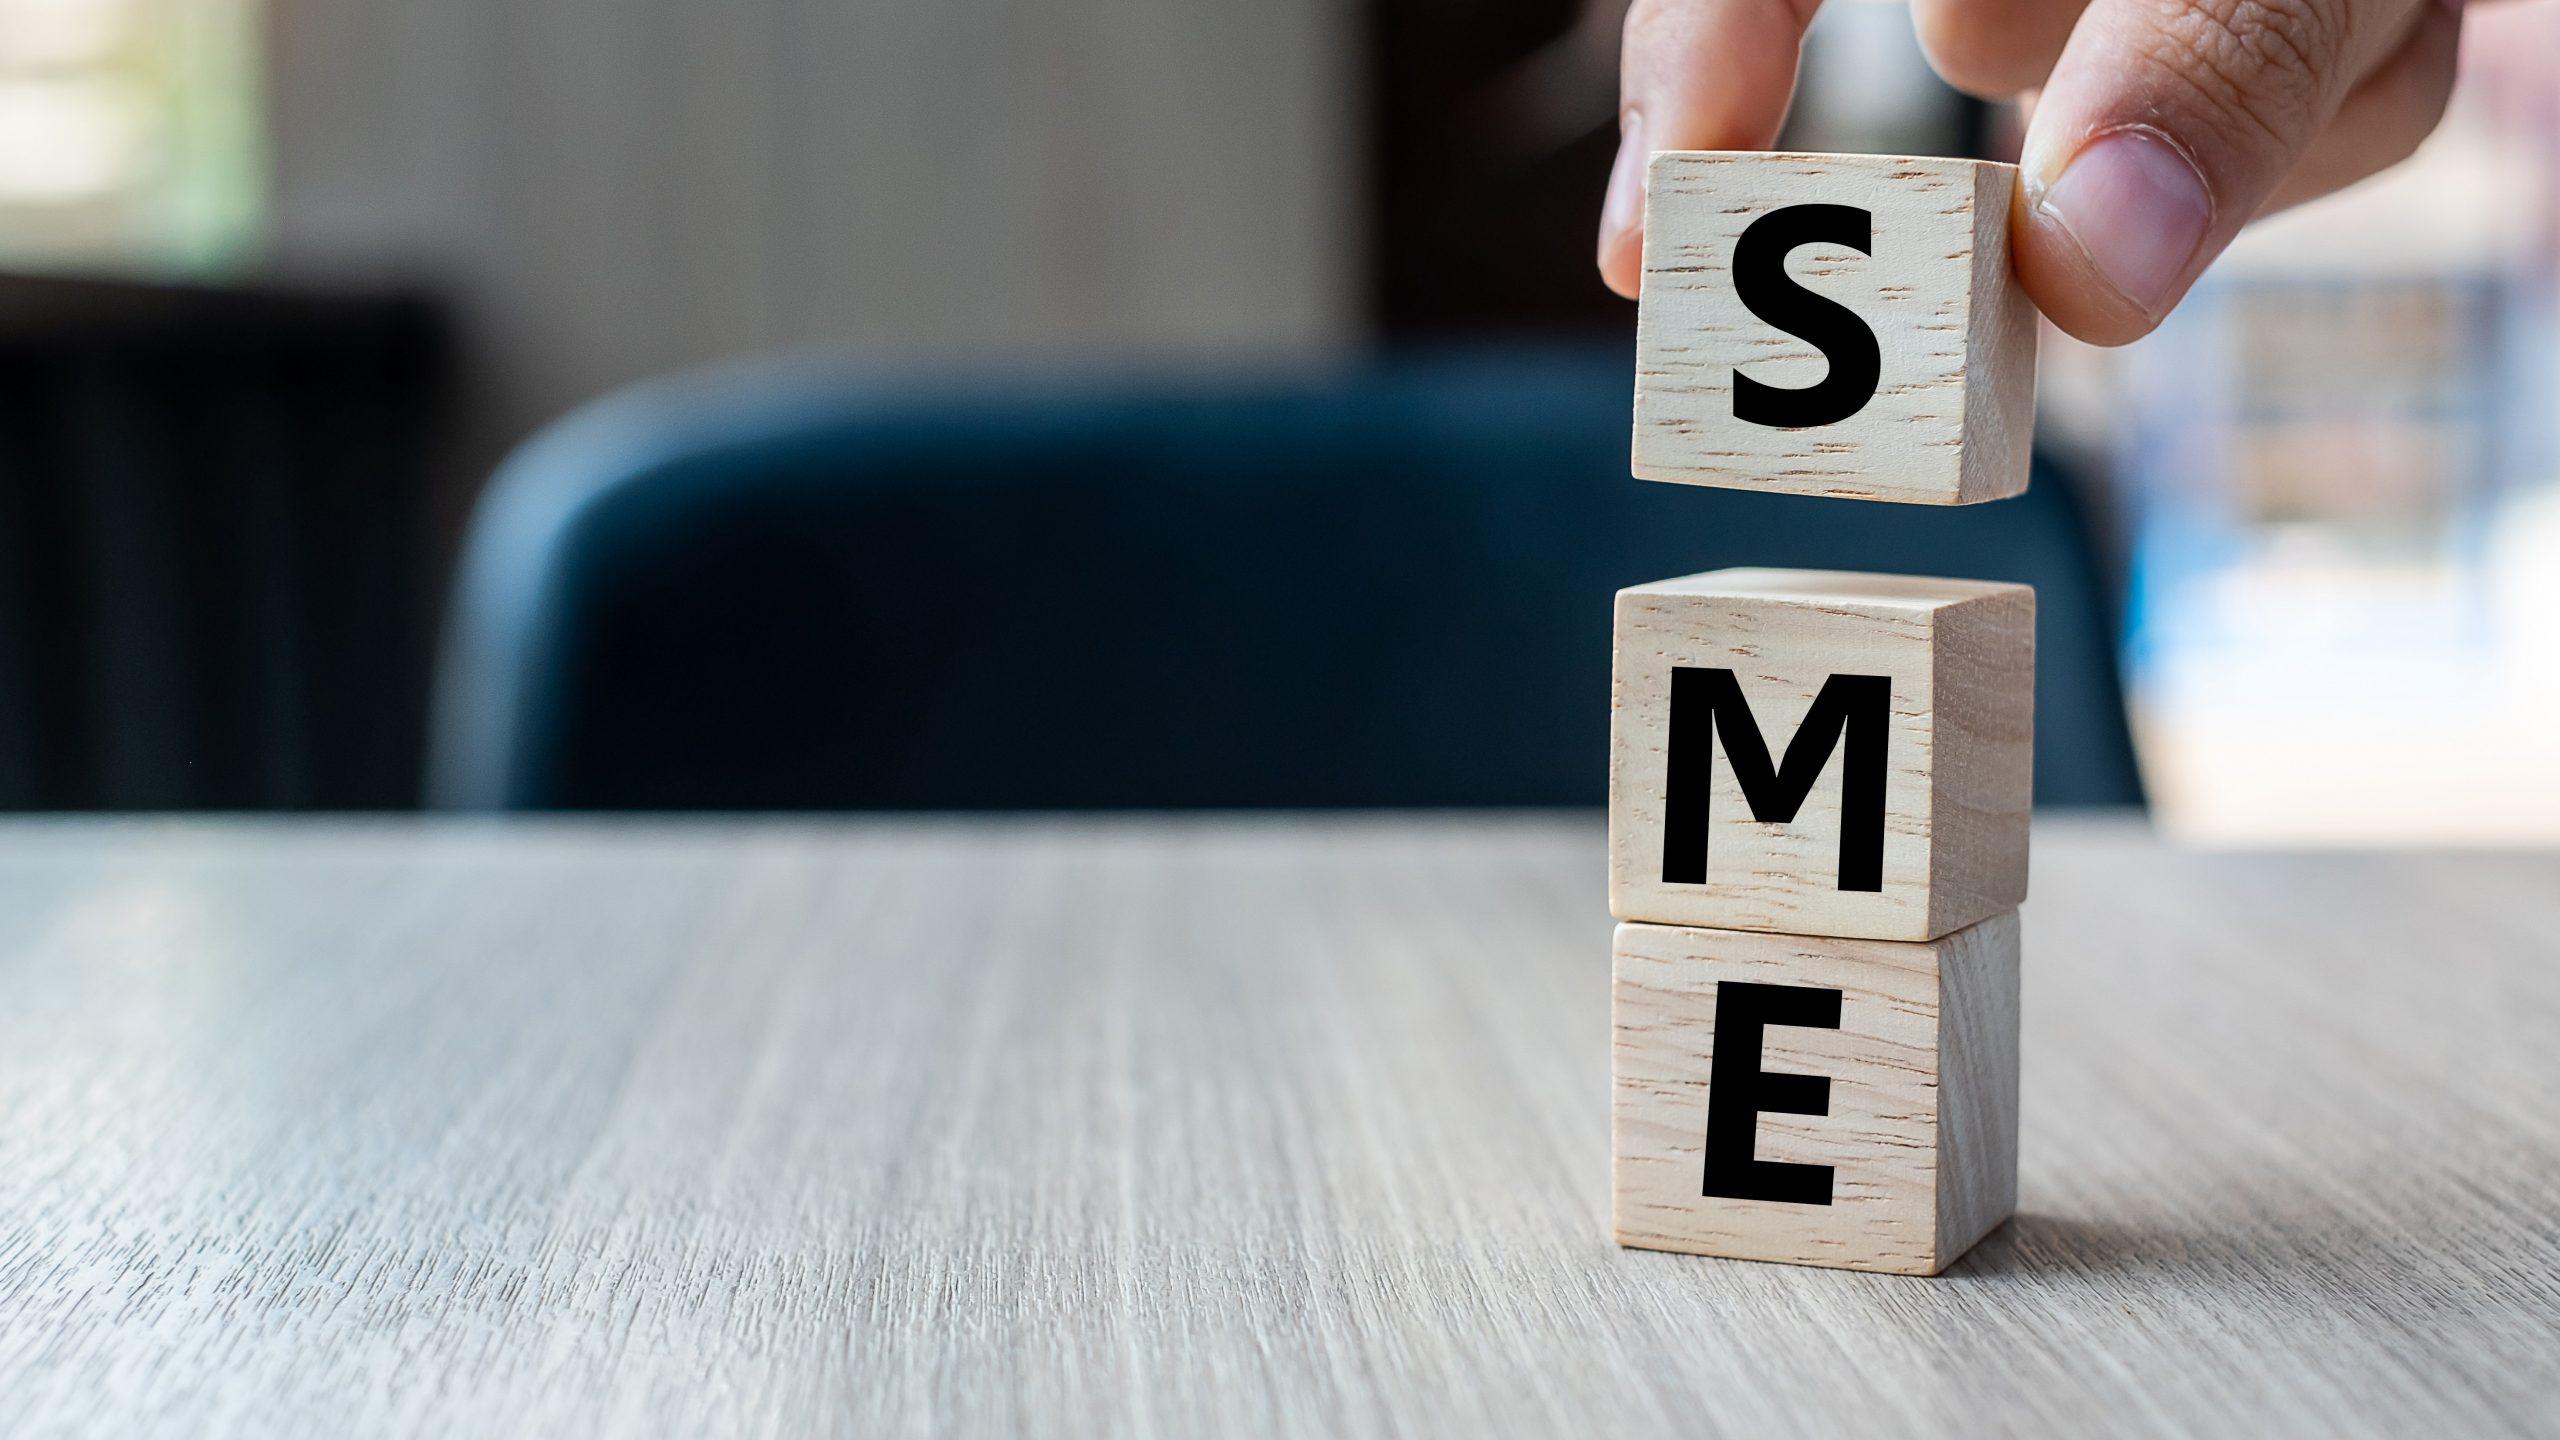 Doanh nghiệp SME tại Việt Nam vẫn gặp phải nhiều khó khăn trong quá trình hoạt động